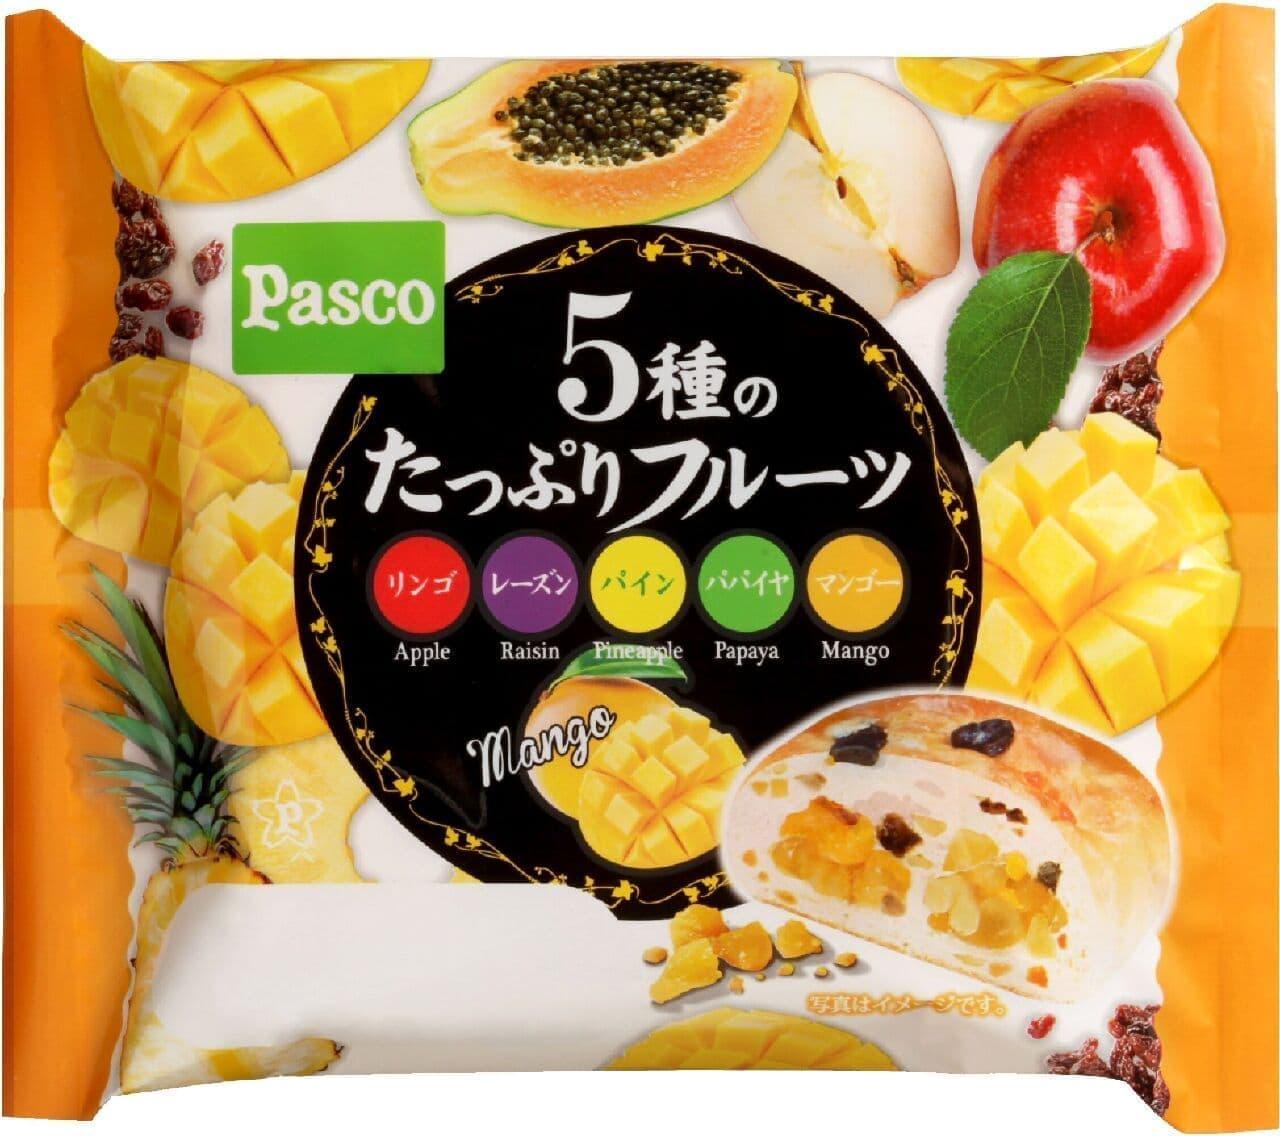 パスコ「5種のたっぷりフルーツ」